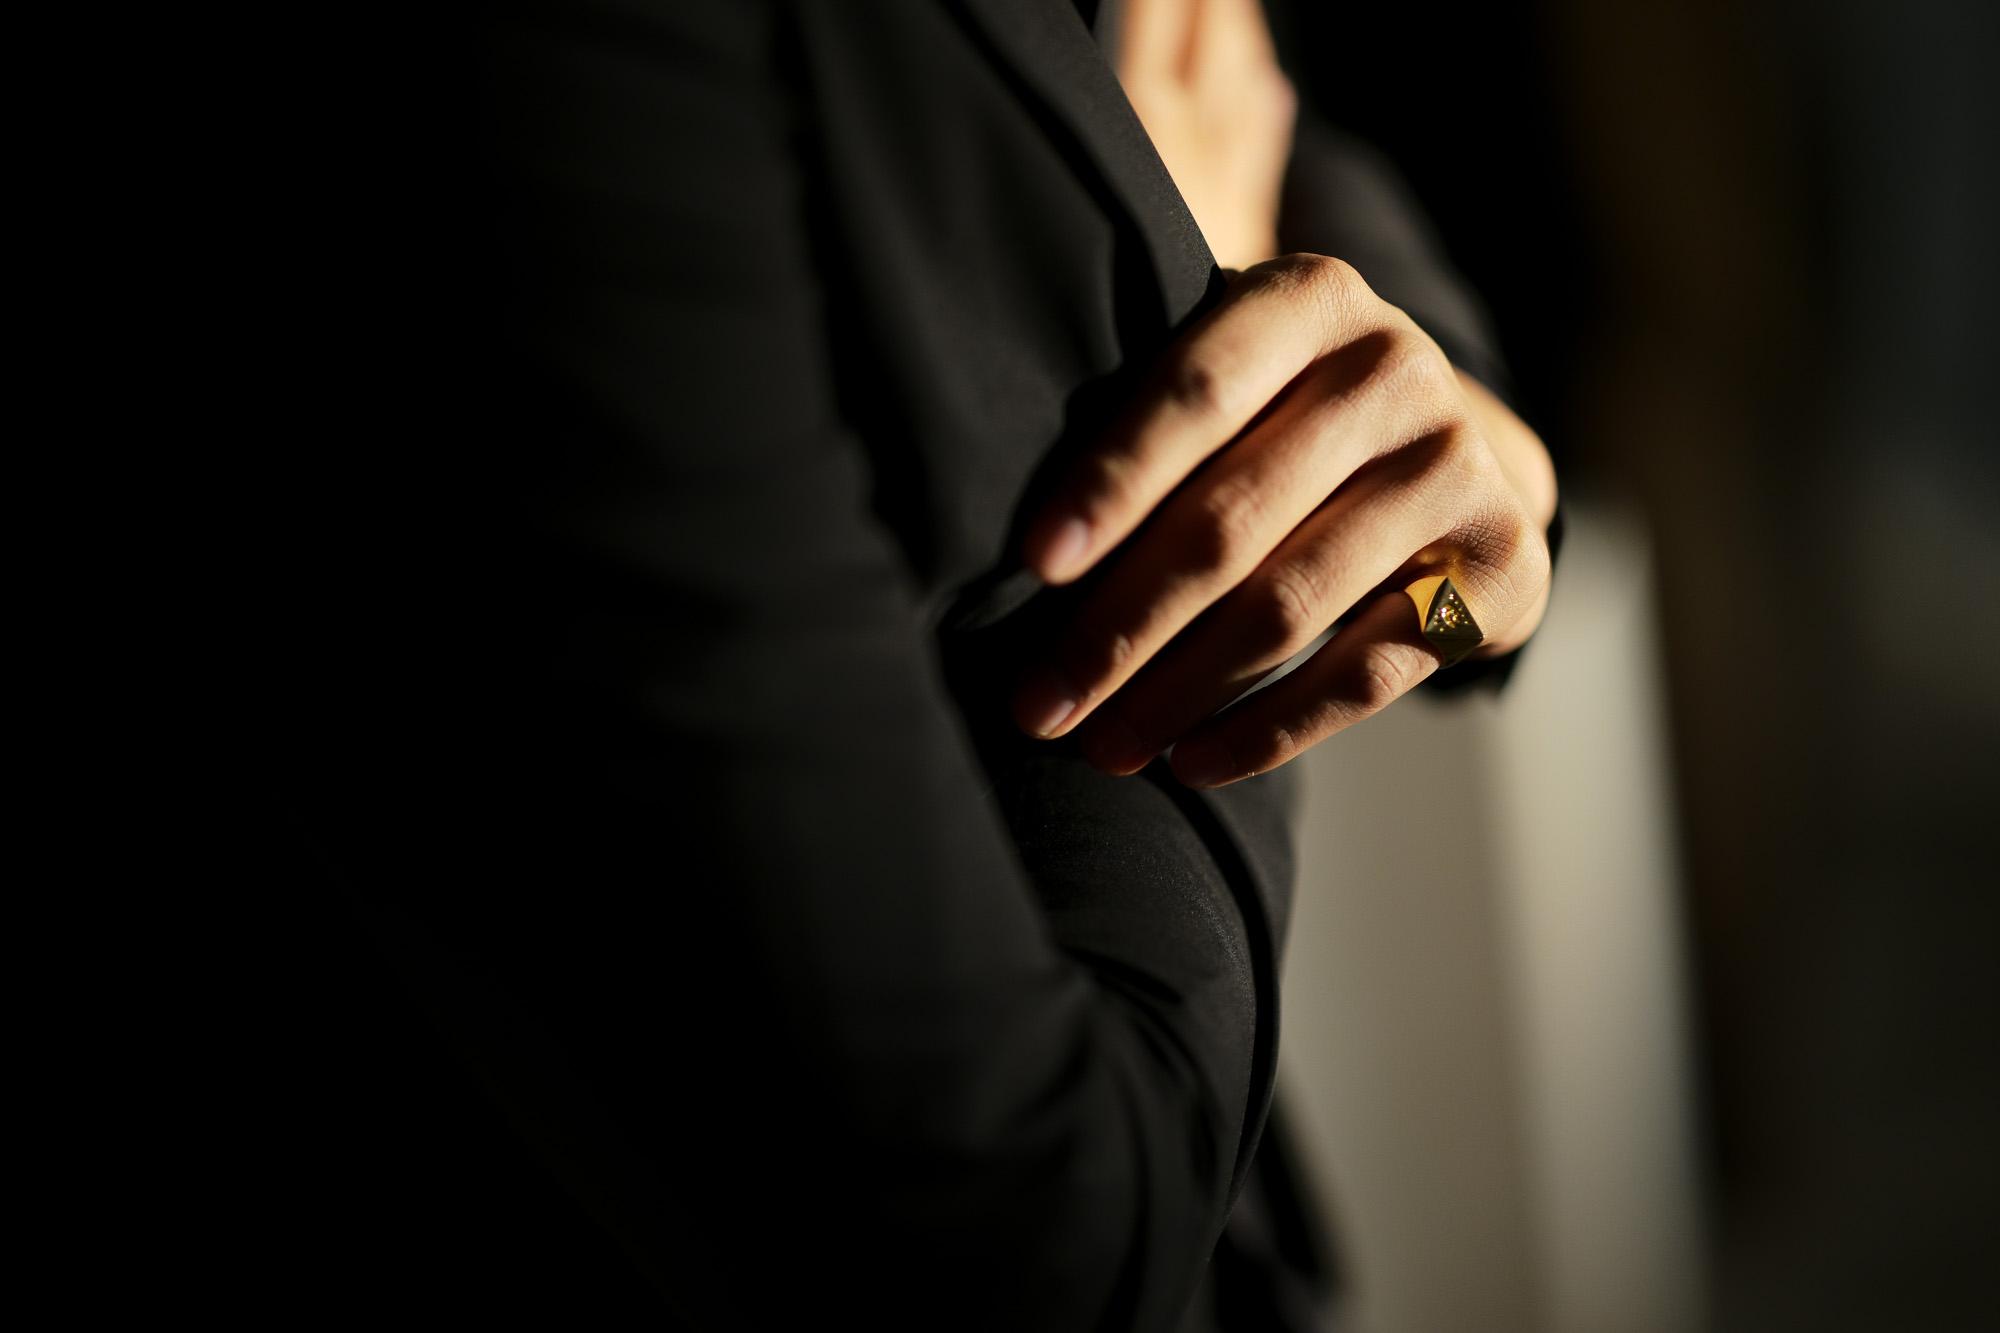 FIXER(フィクサー) ILLUMINATI EYES RING 18K GOLD イルミナティ アイズリング GOLD(ゴールド) 【ご予約開始します】愛知 名古屋 Alto e Diritto アルトエデリット 18金 リング